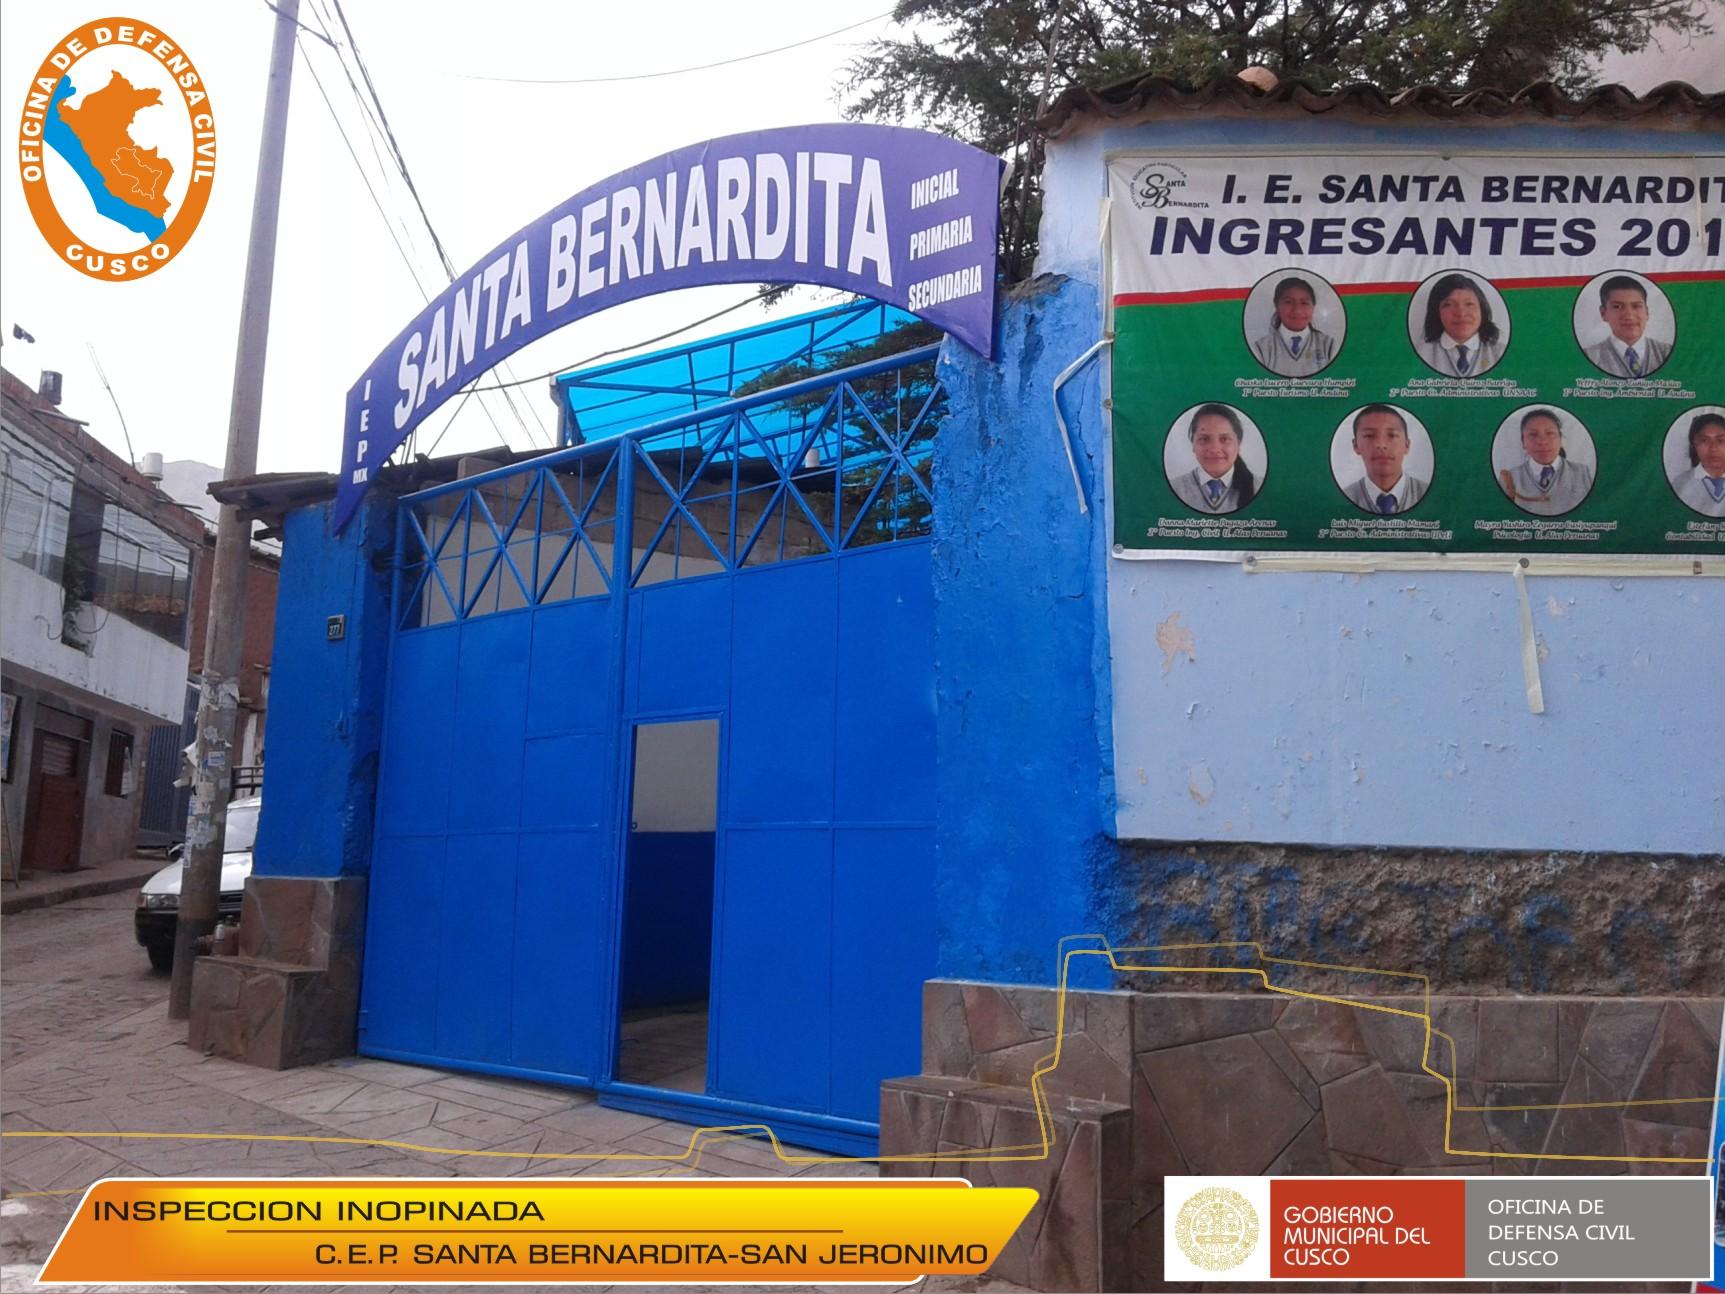 CENTROS EDUCATIVOS EN CUSCO NO SE ENCUENTRAN APTOS PARA EL INICIO ESCOLAR POR PRESENTAR CONDICIONES DE INFRAESTRUCTURA EN ALTO RIESGO.